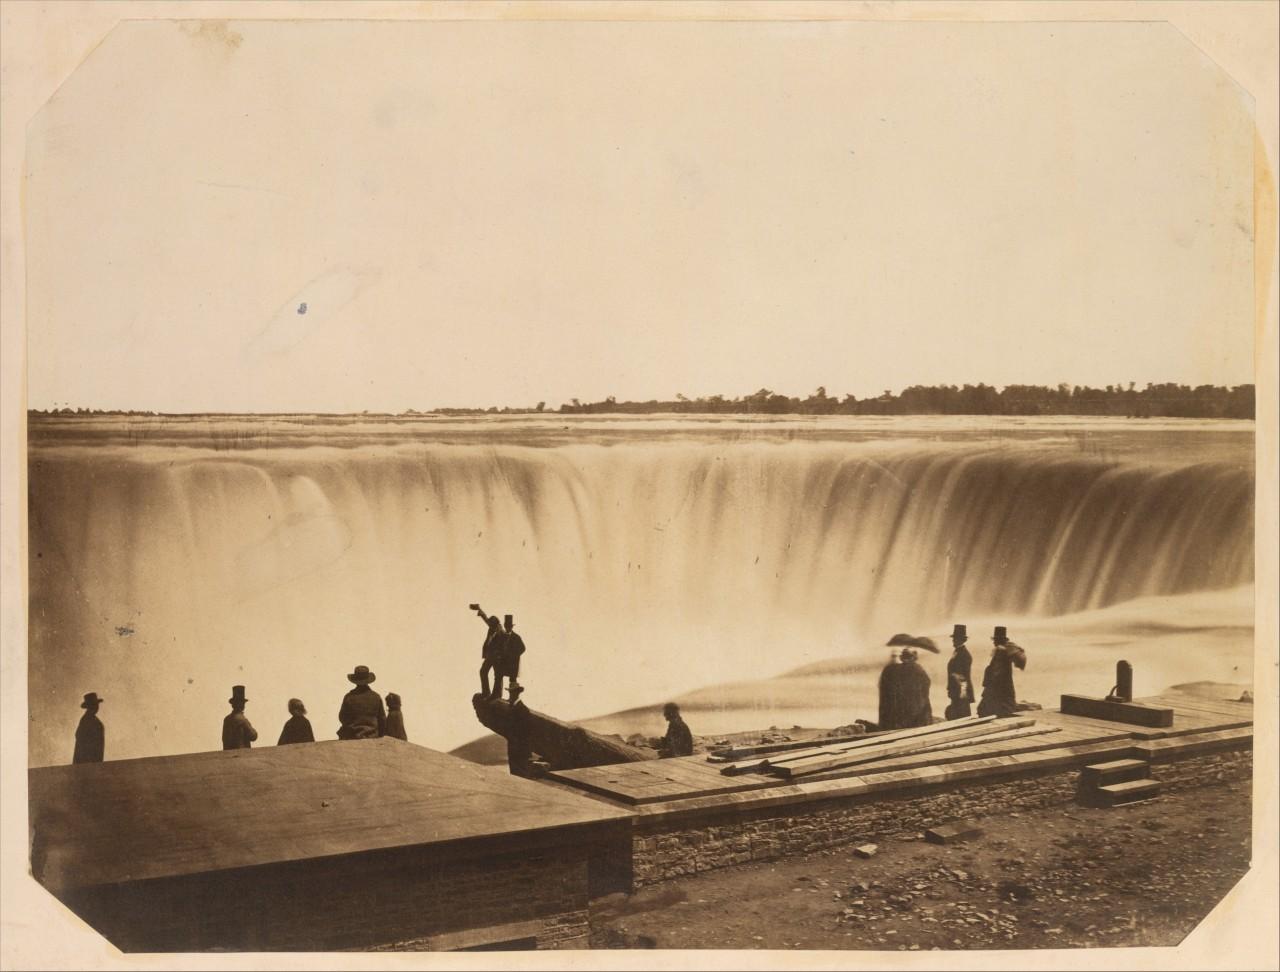 Ниагарский водопад, вид с канадской стороны, 1855. Автор предположительно Сайлас А. Холмс